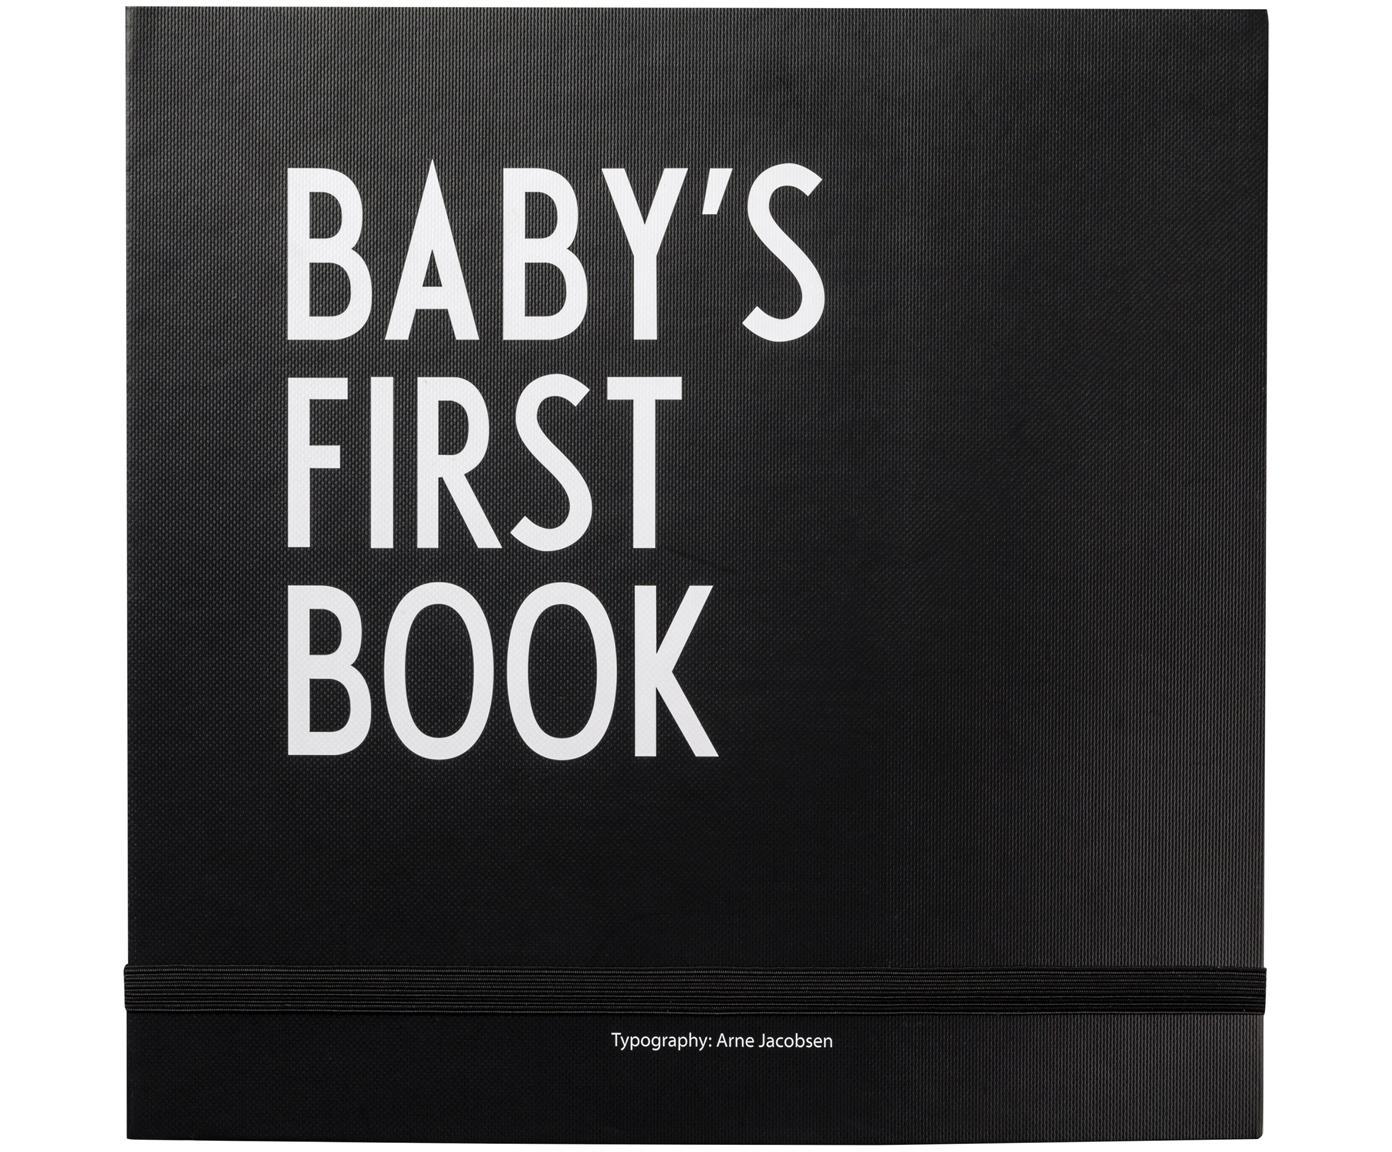 Erinnerungsbuch Baby´s First Book, Papier, Schwarz, Weiss, 25 x 25 cm